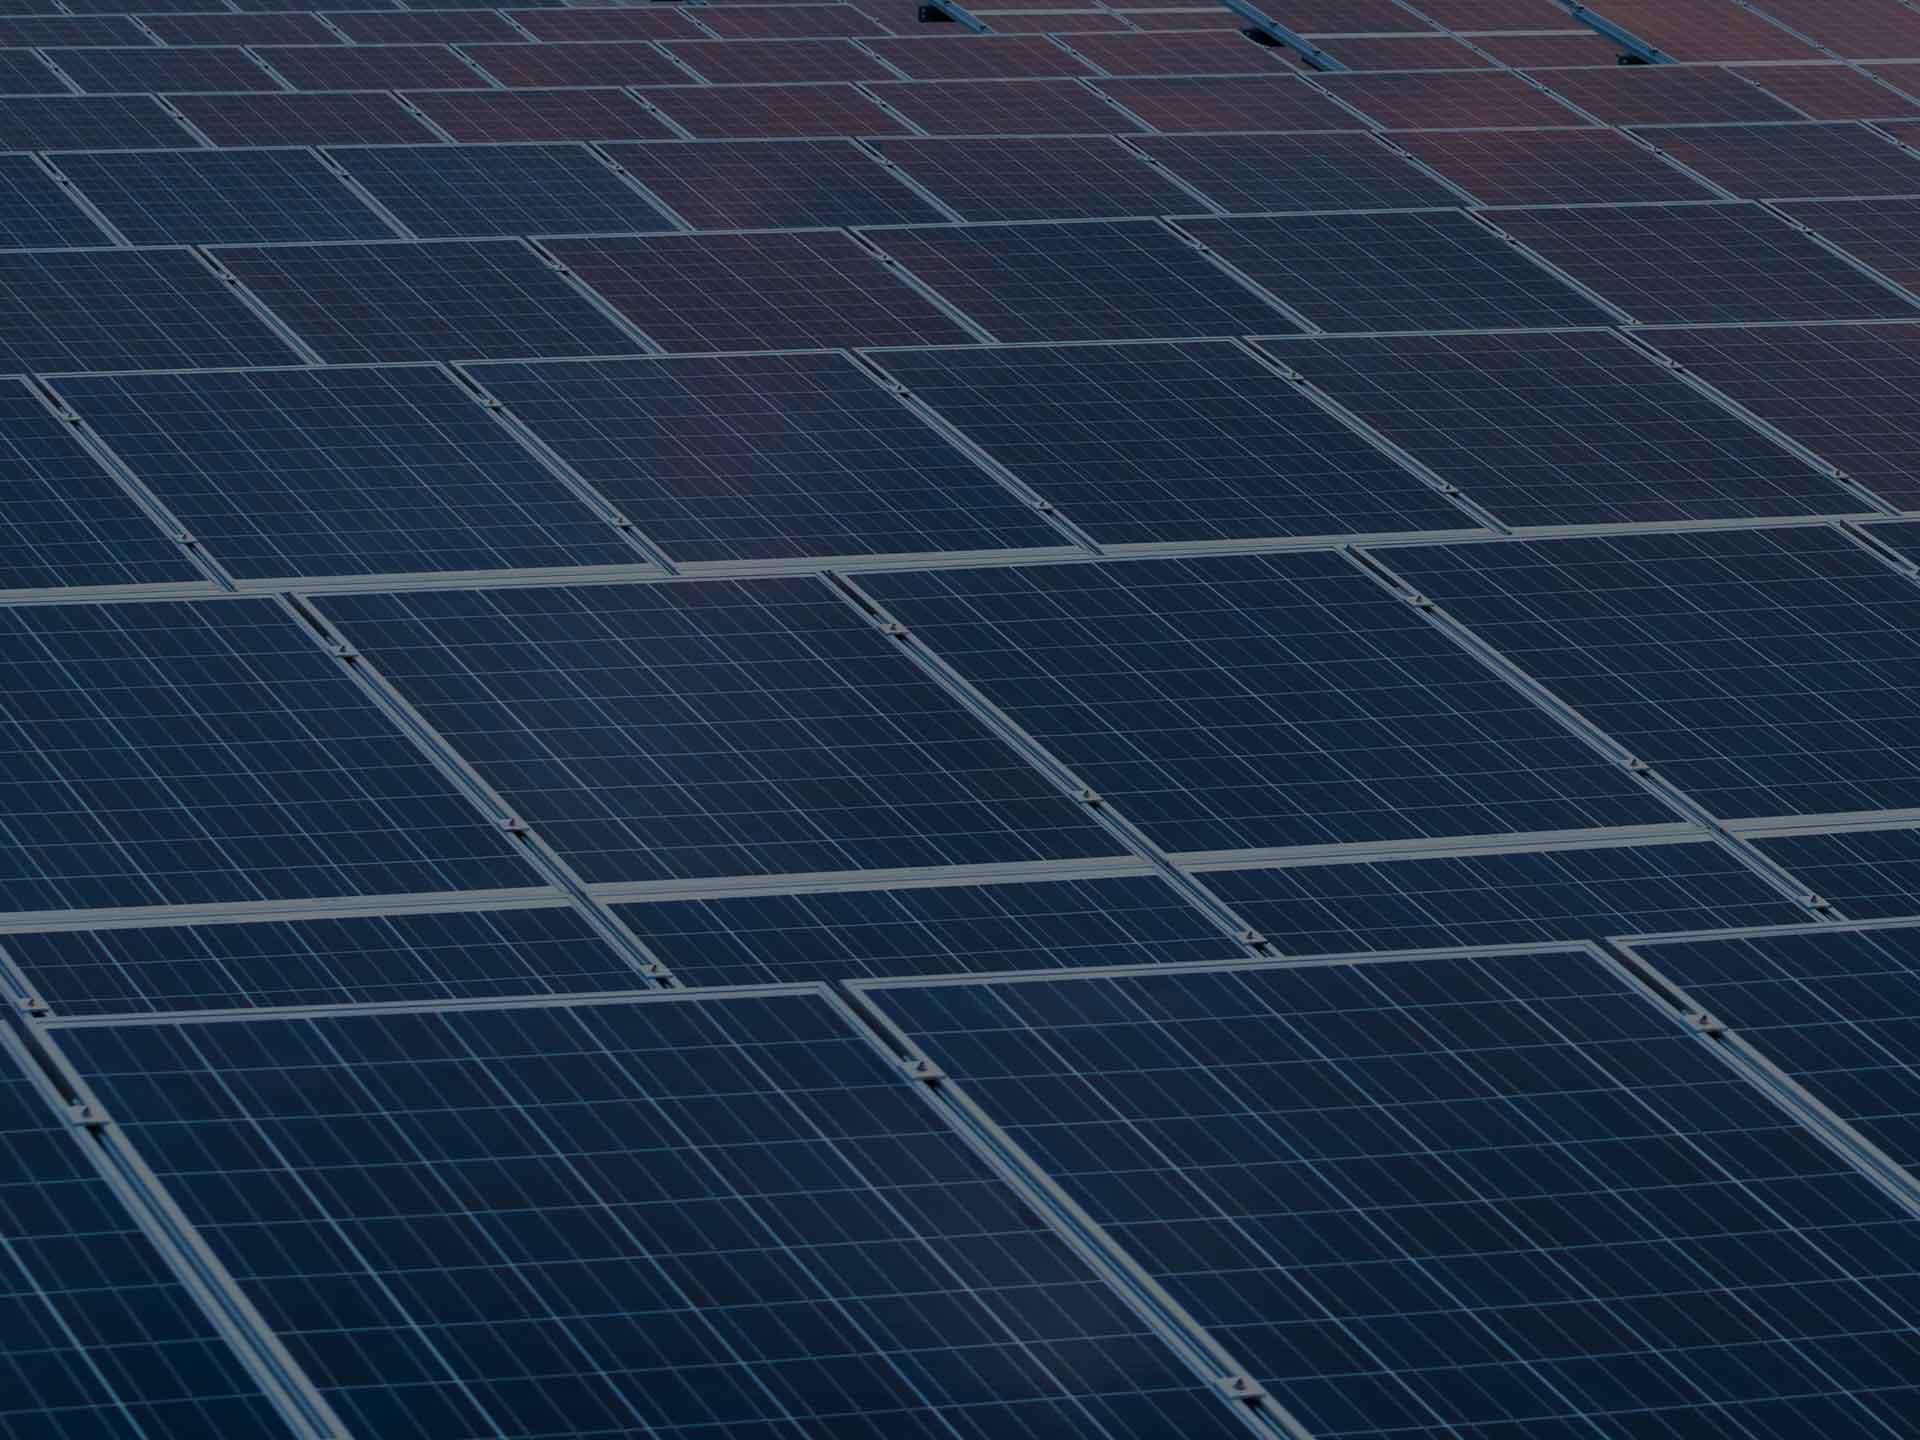 Image - Solar R&D